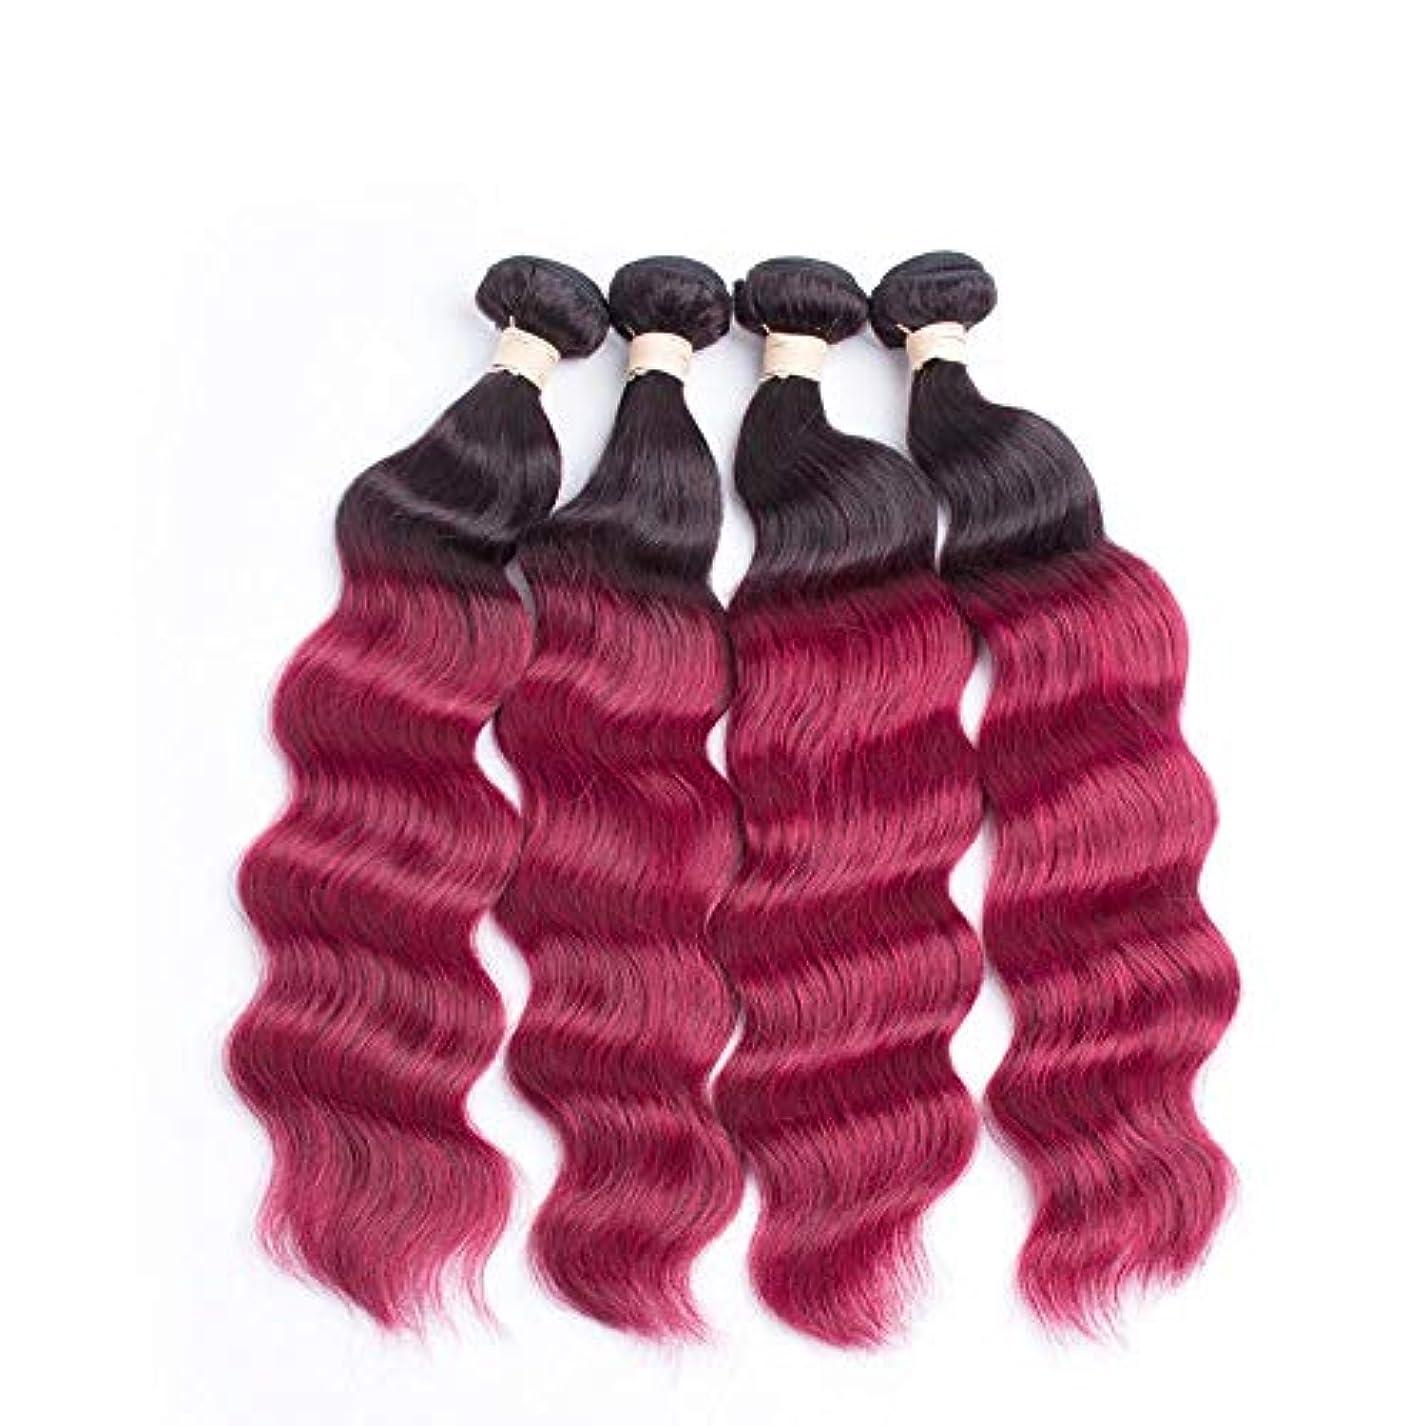 前兆けん引変色するHOHYLLYA ワインレッドの色ブラジルのディープウェーブヘアバンドル100%人毛エクステンション - #1B / BURG 2トーンカラー(8